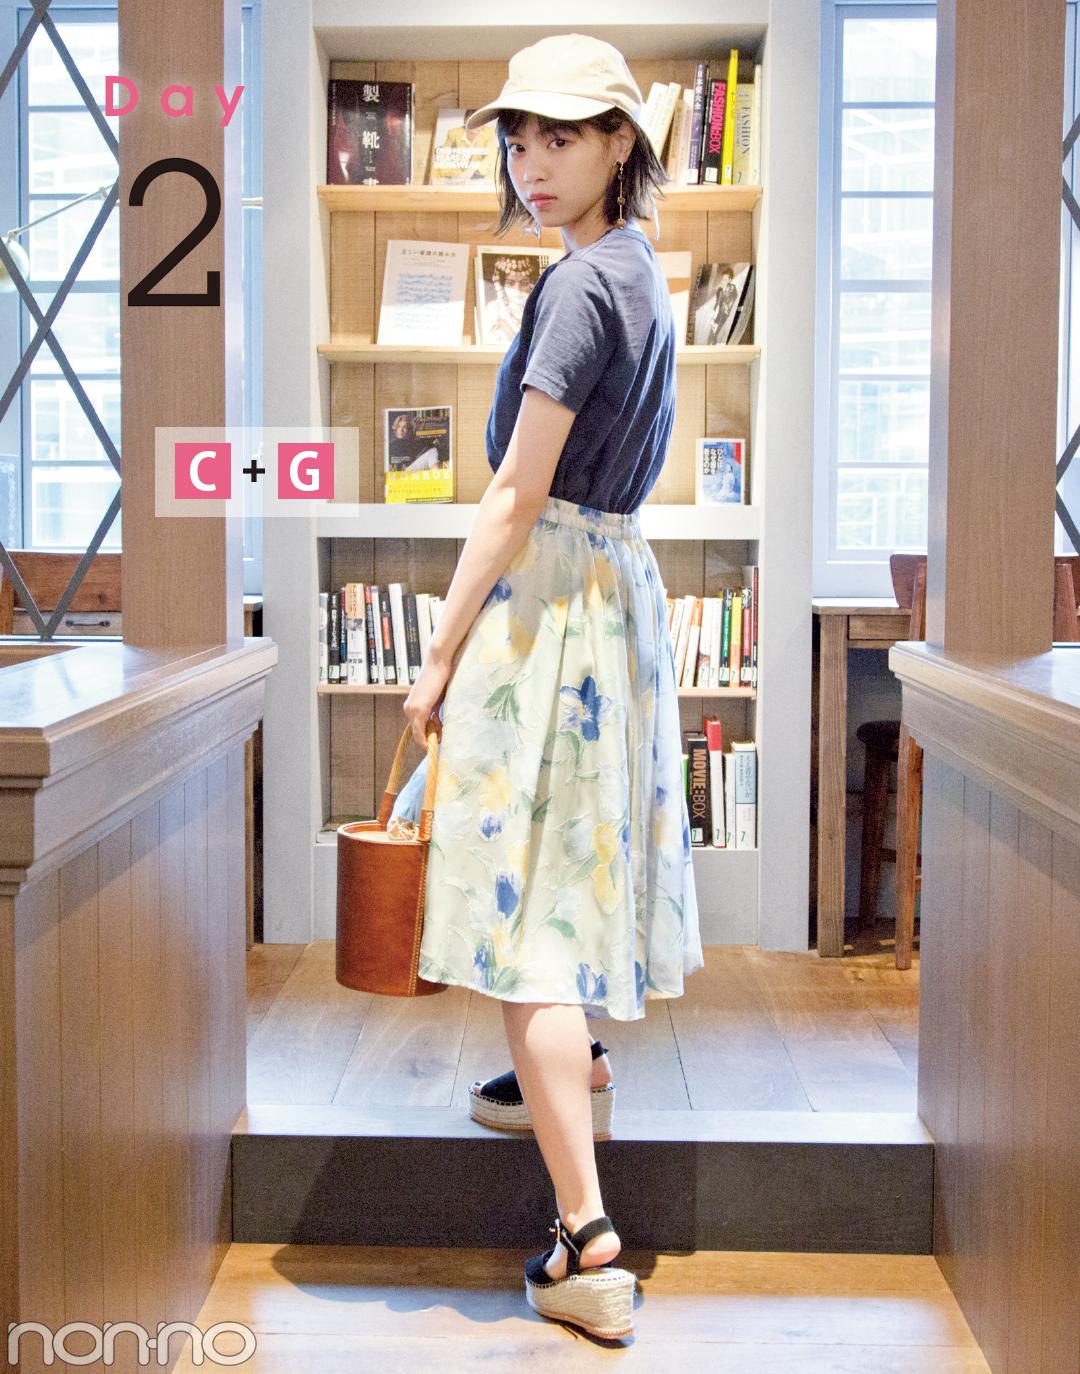 西野七瀬主演♡「4月の甘め服に5月の買い足し」でおしゃれ度アップ着回し5days!_2_2-1